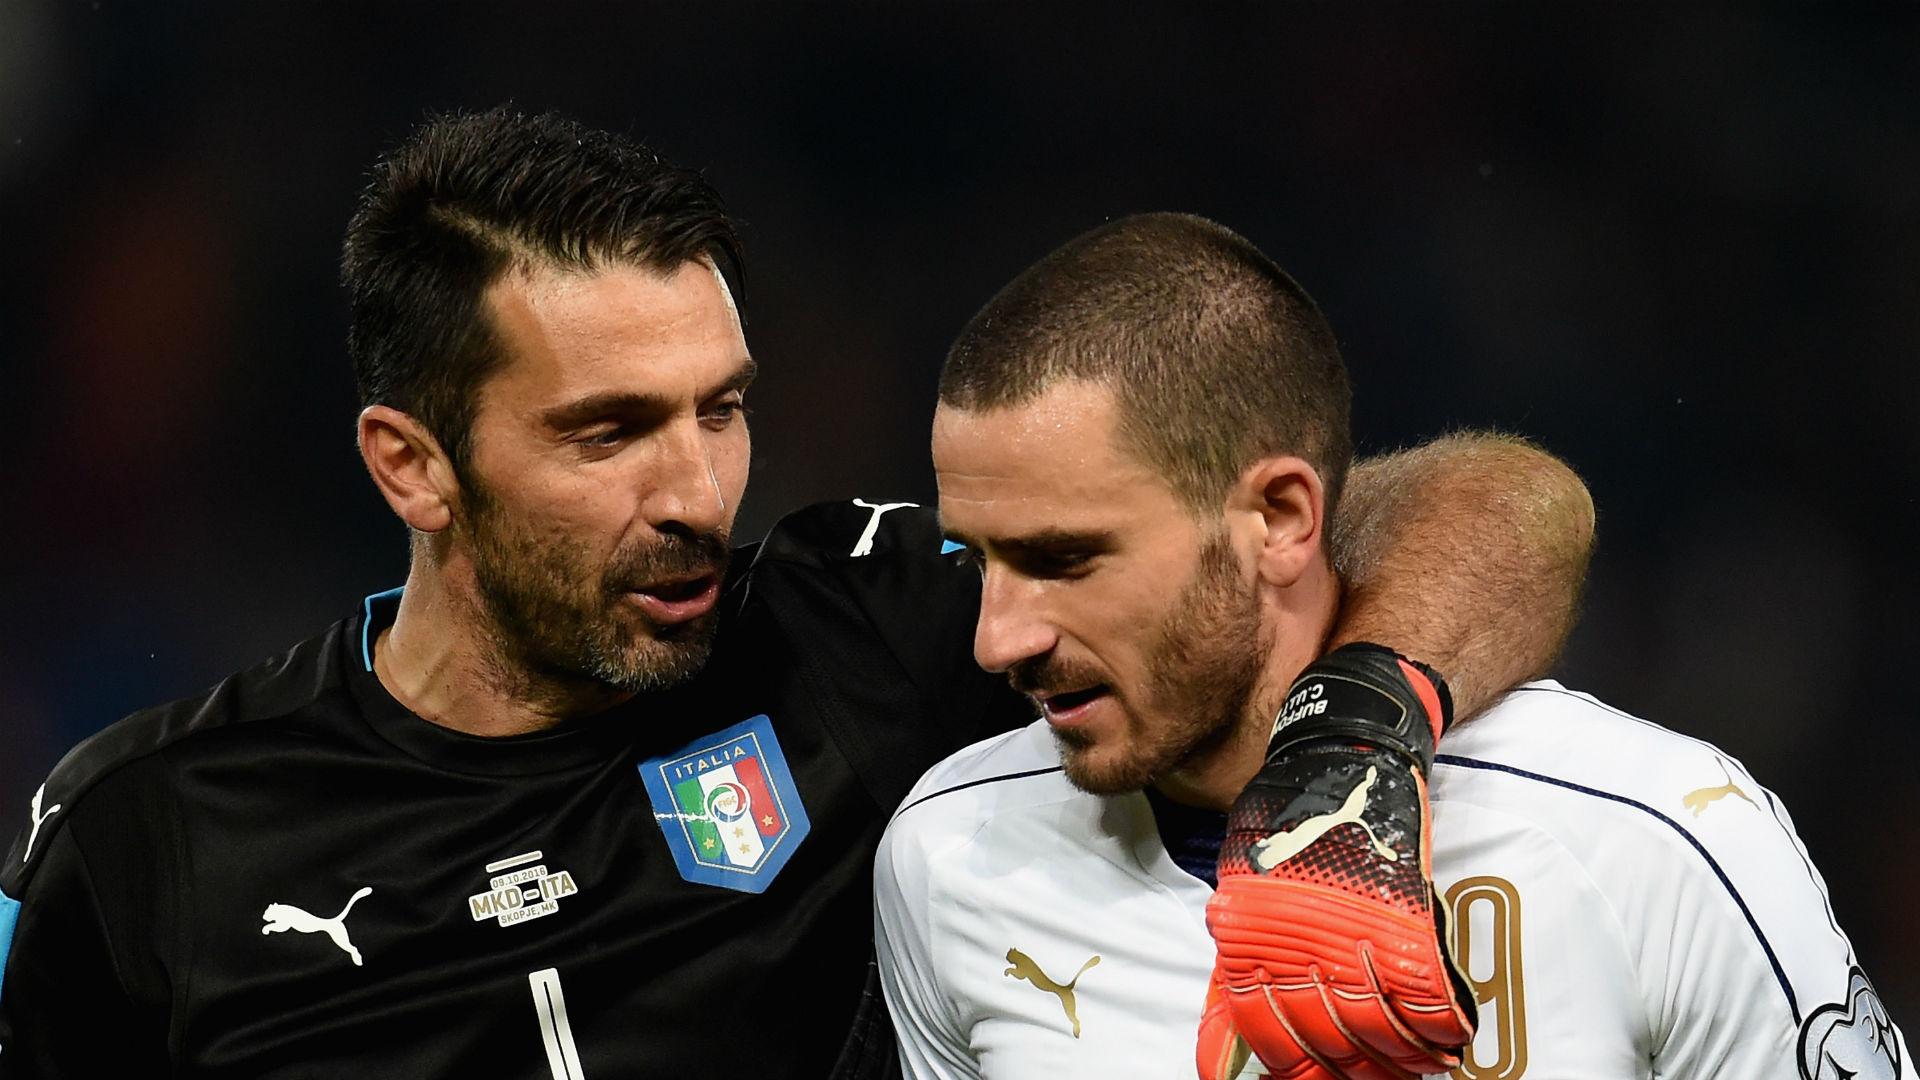 Bonucci bids Juve farewell after Milan move